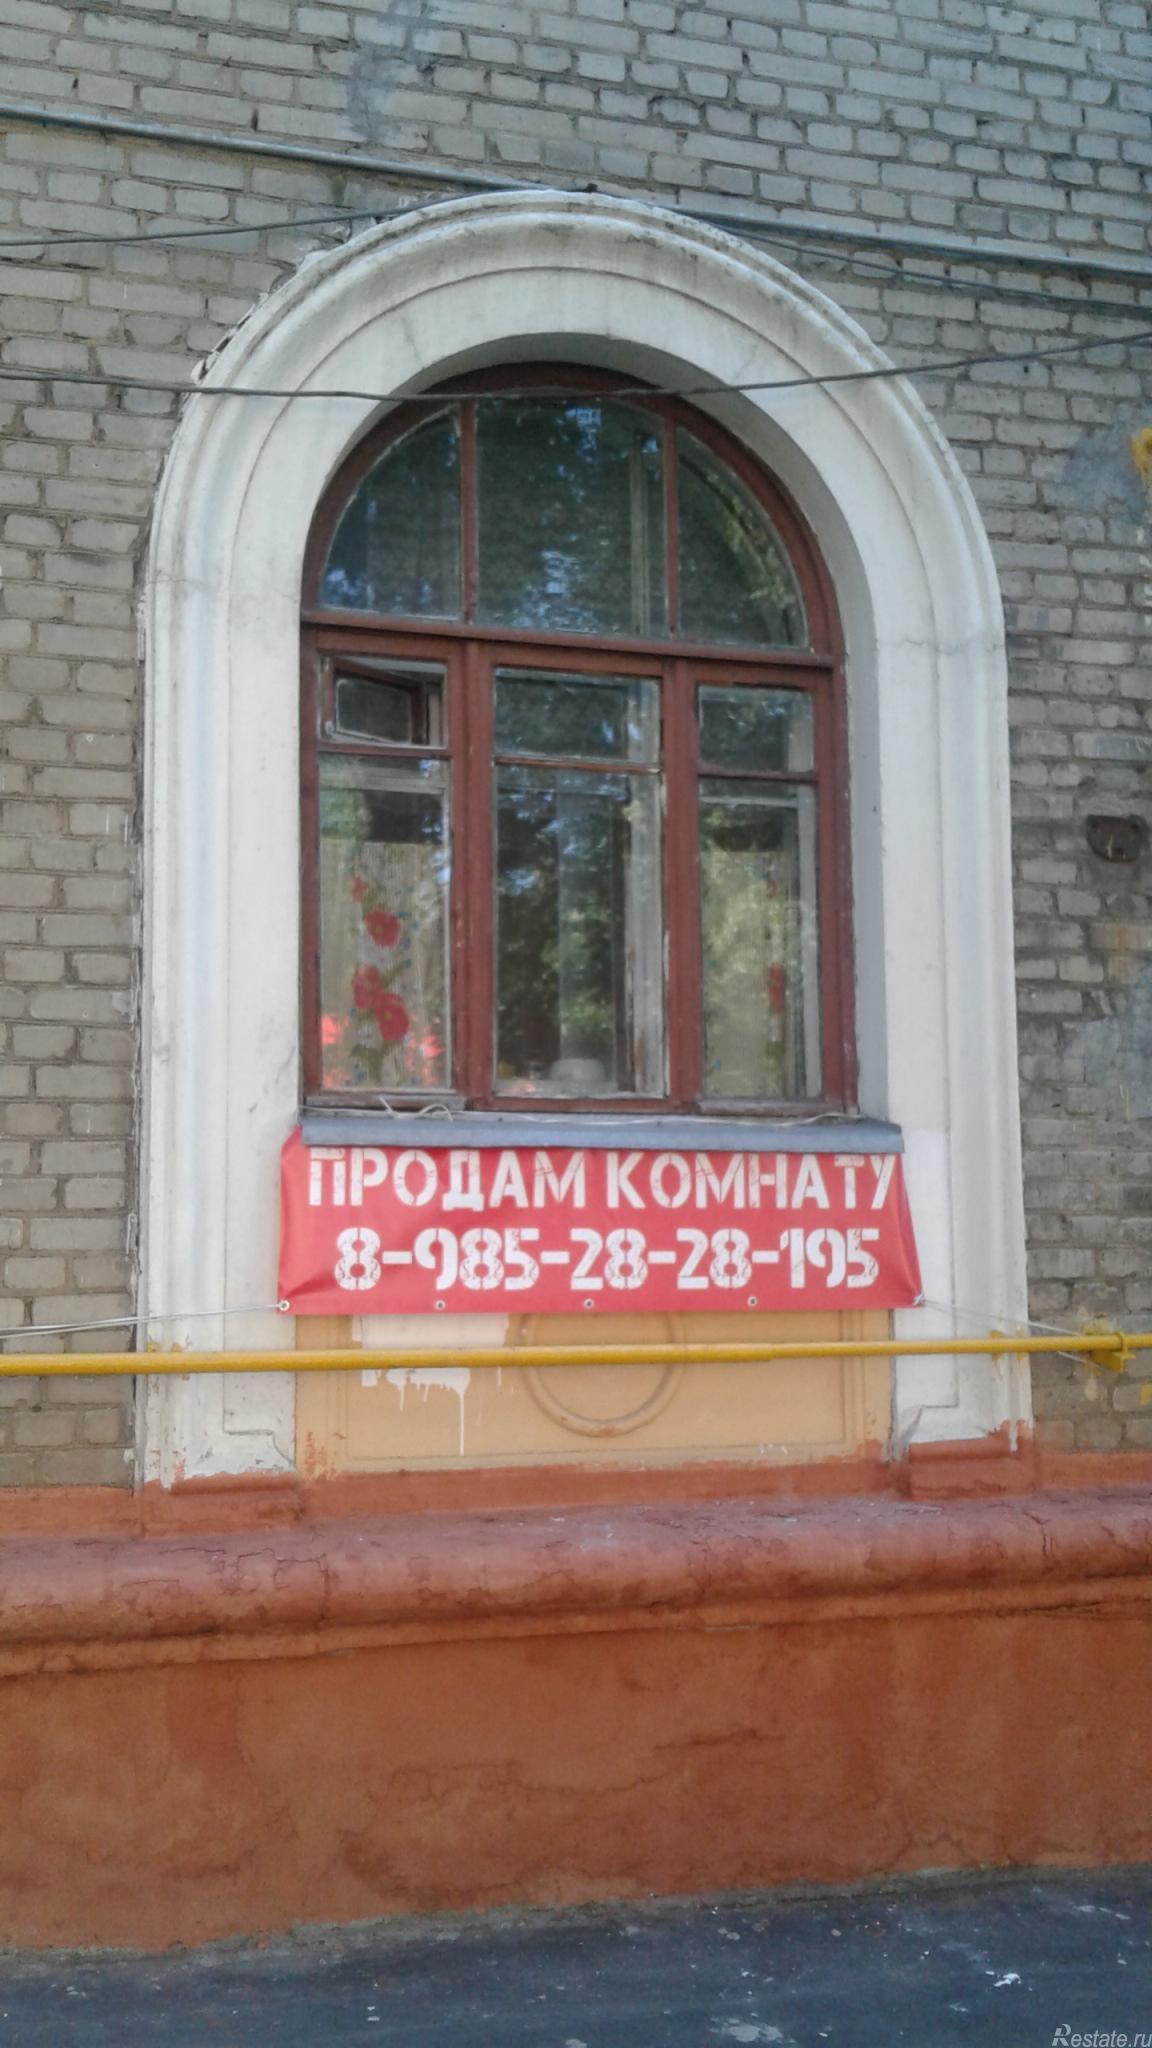 Продать Комнаты в квартирах Москва,  Перово,  Шоссе Энтузиастов, Соколиной Горы 5-я ул Буденного пр-кт